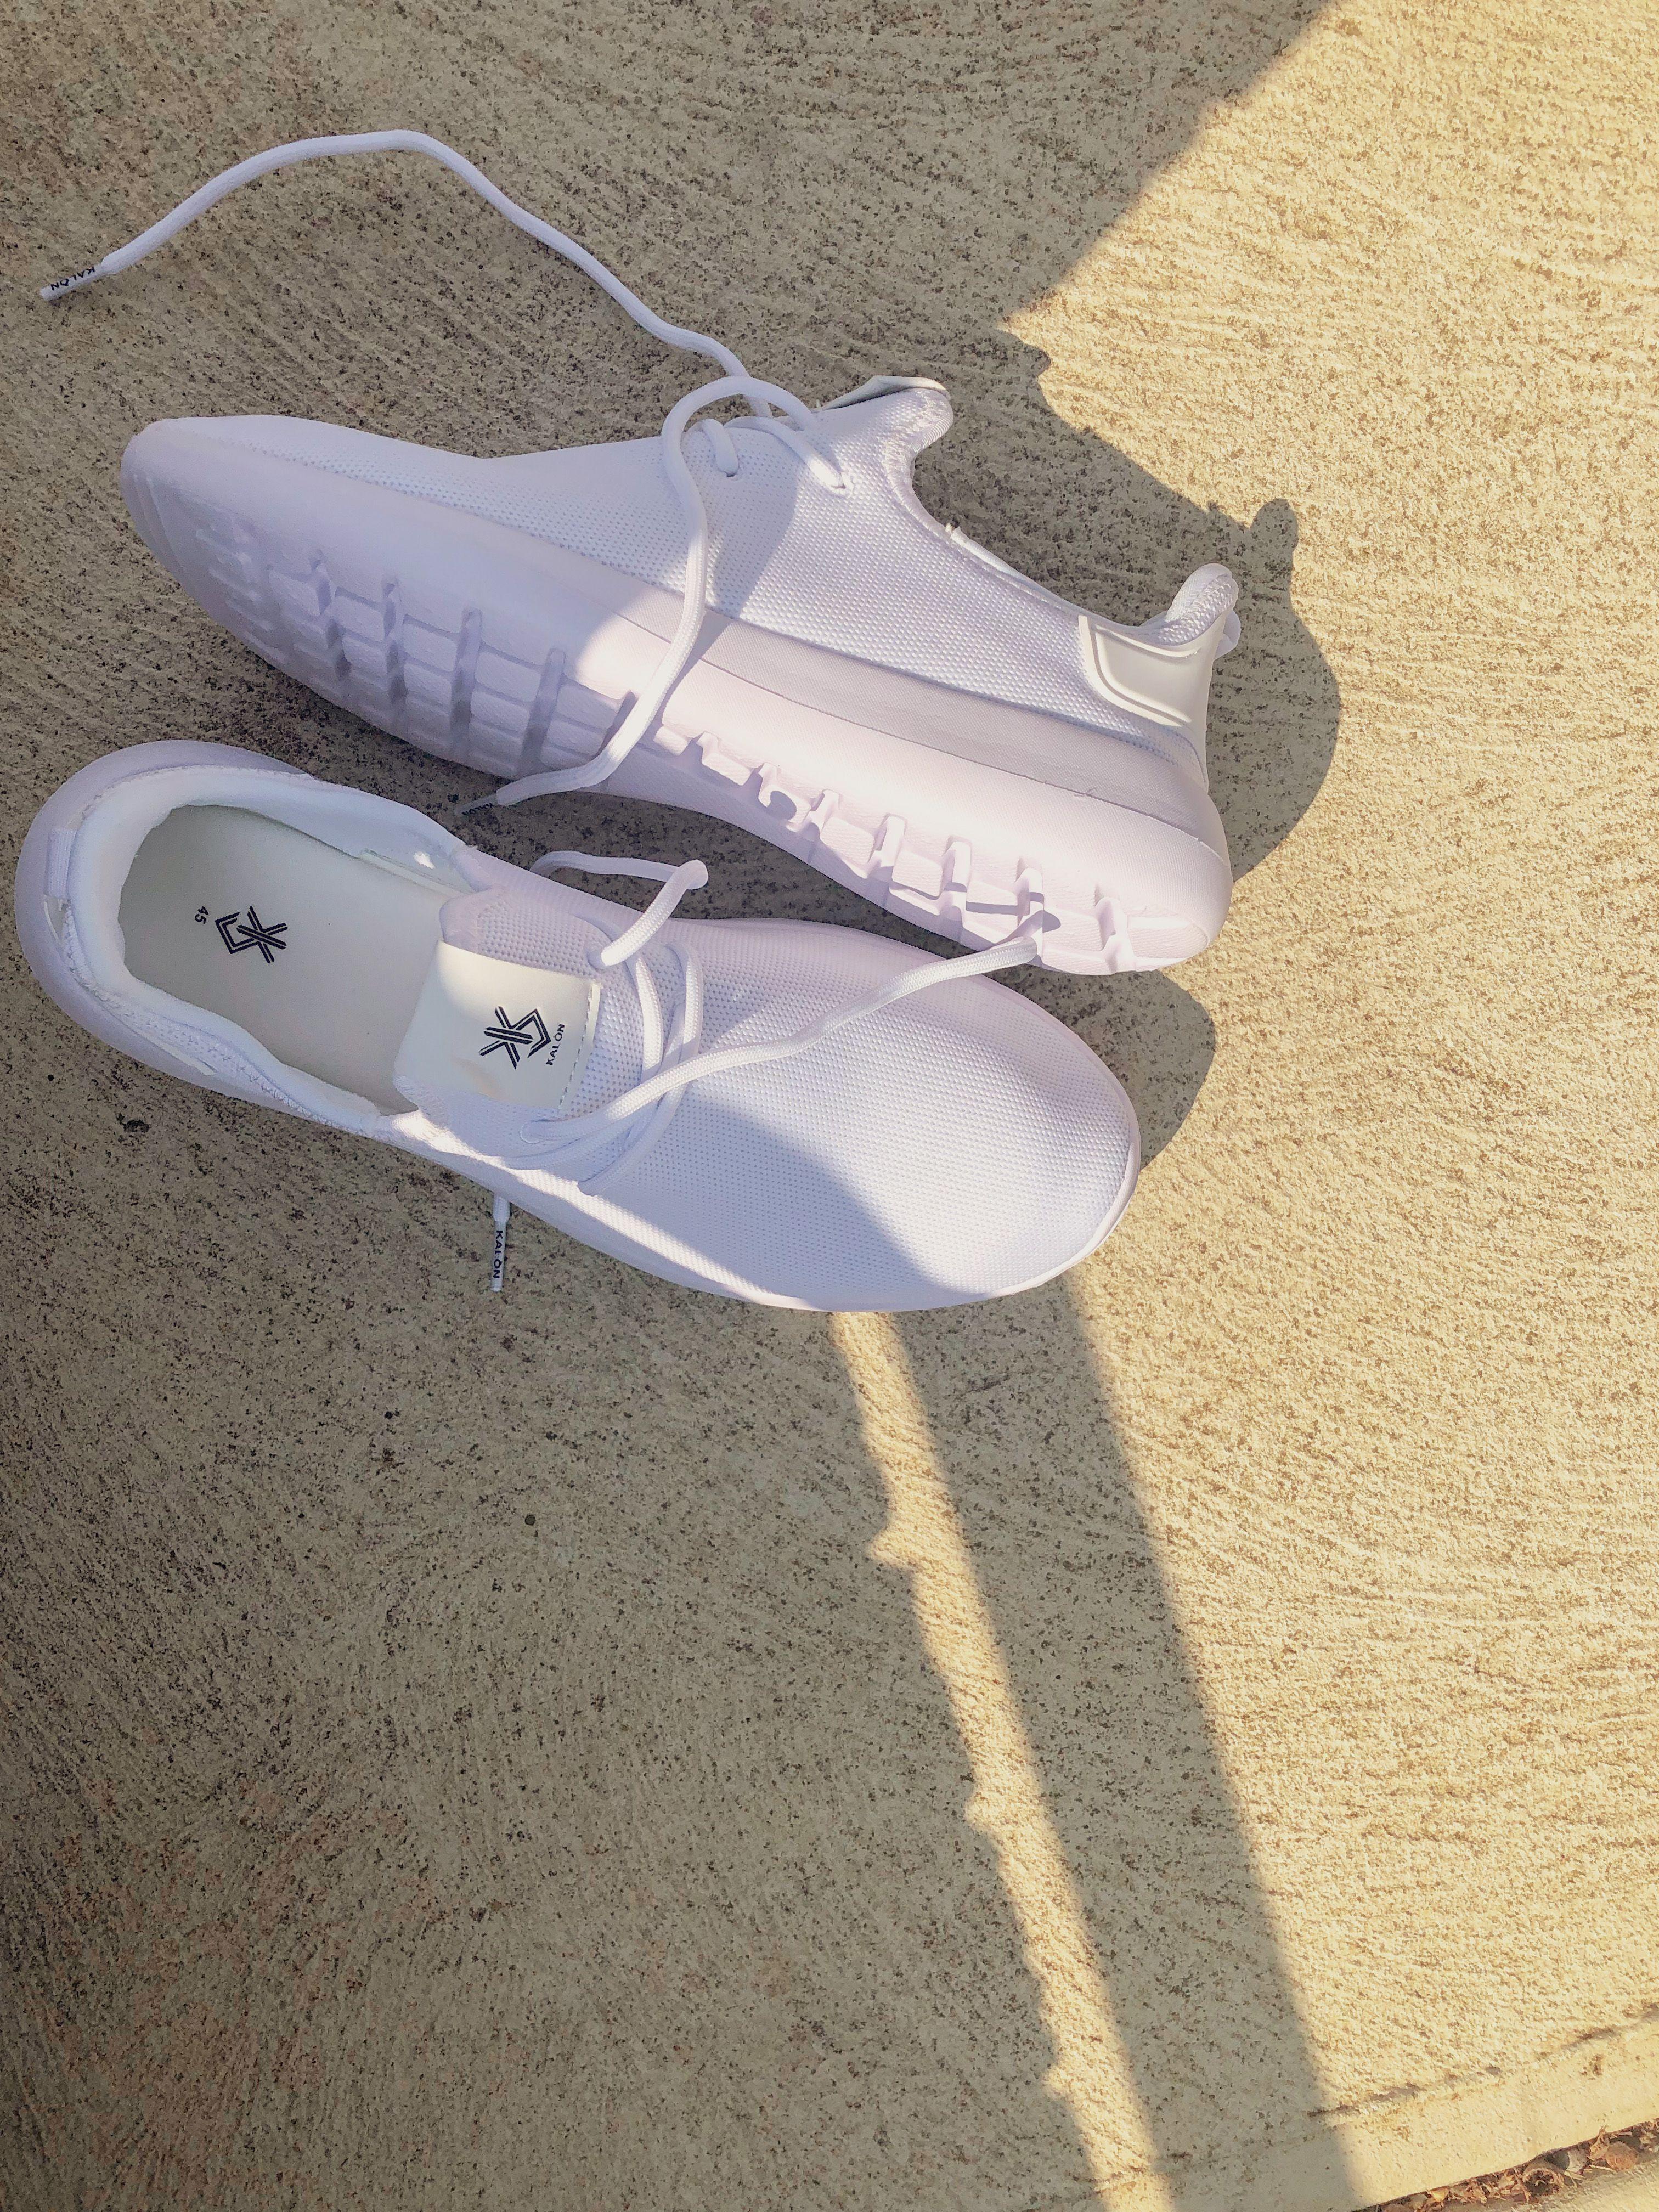 #womensfashion #mensfashion #fashion #style #fitness #gym #sneakers #sneakerhead  #shoes #australia...